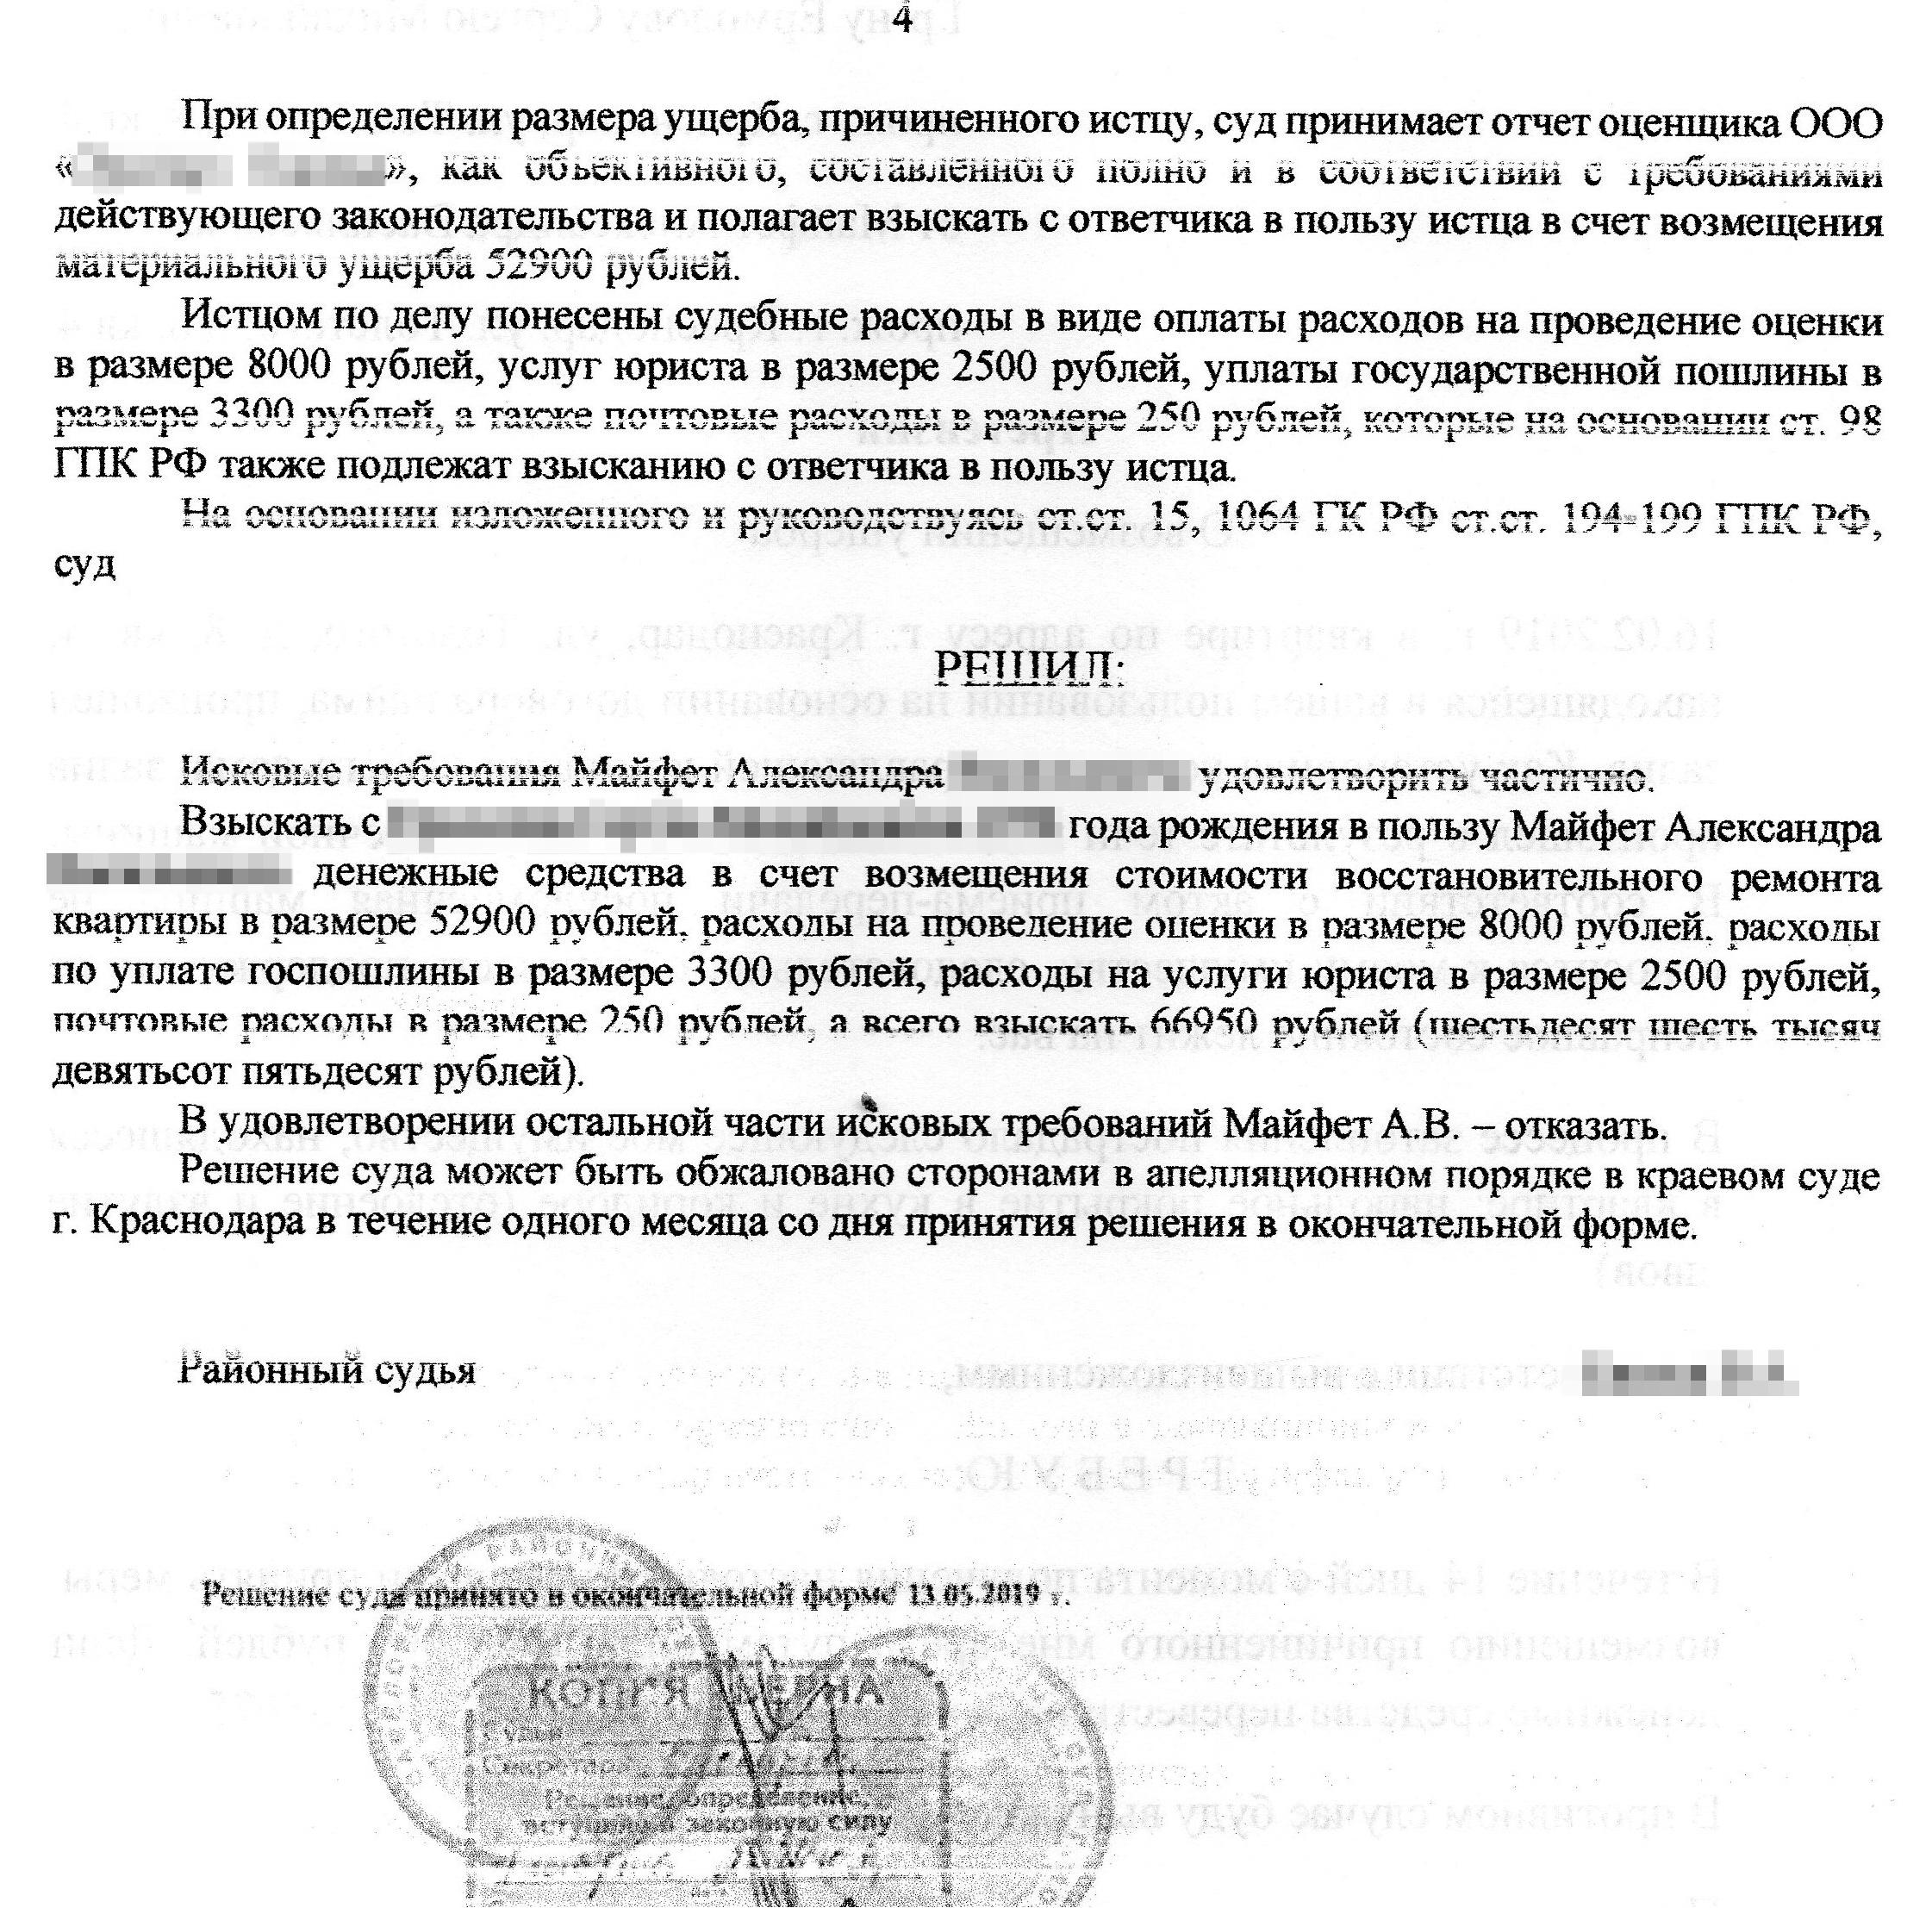 Копия резолютивной части решения суда о взыскании материального ущерба по моему делу